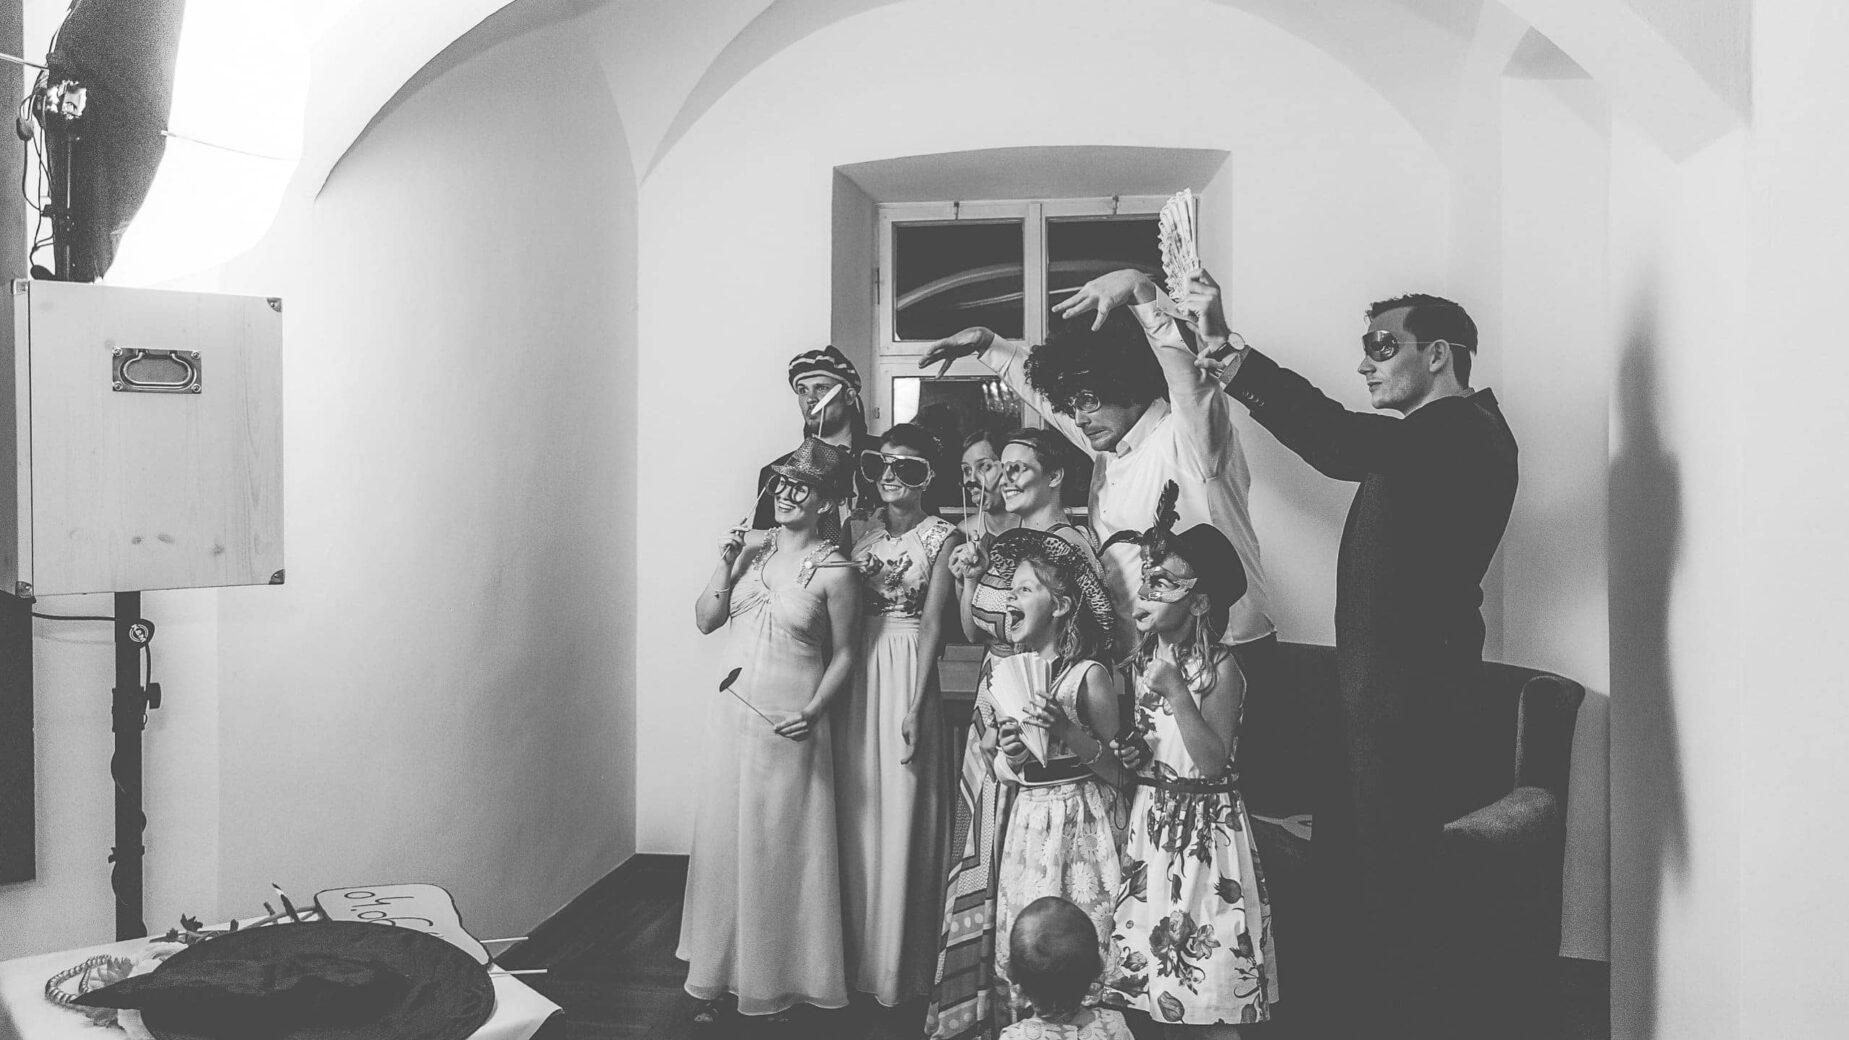 Feiernde Hochzeitsgäste beim Photobooth mit Verkleidung